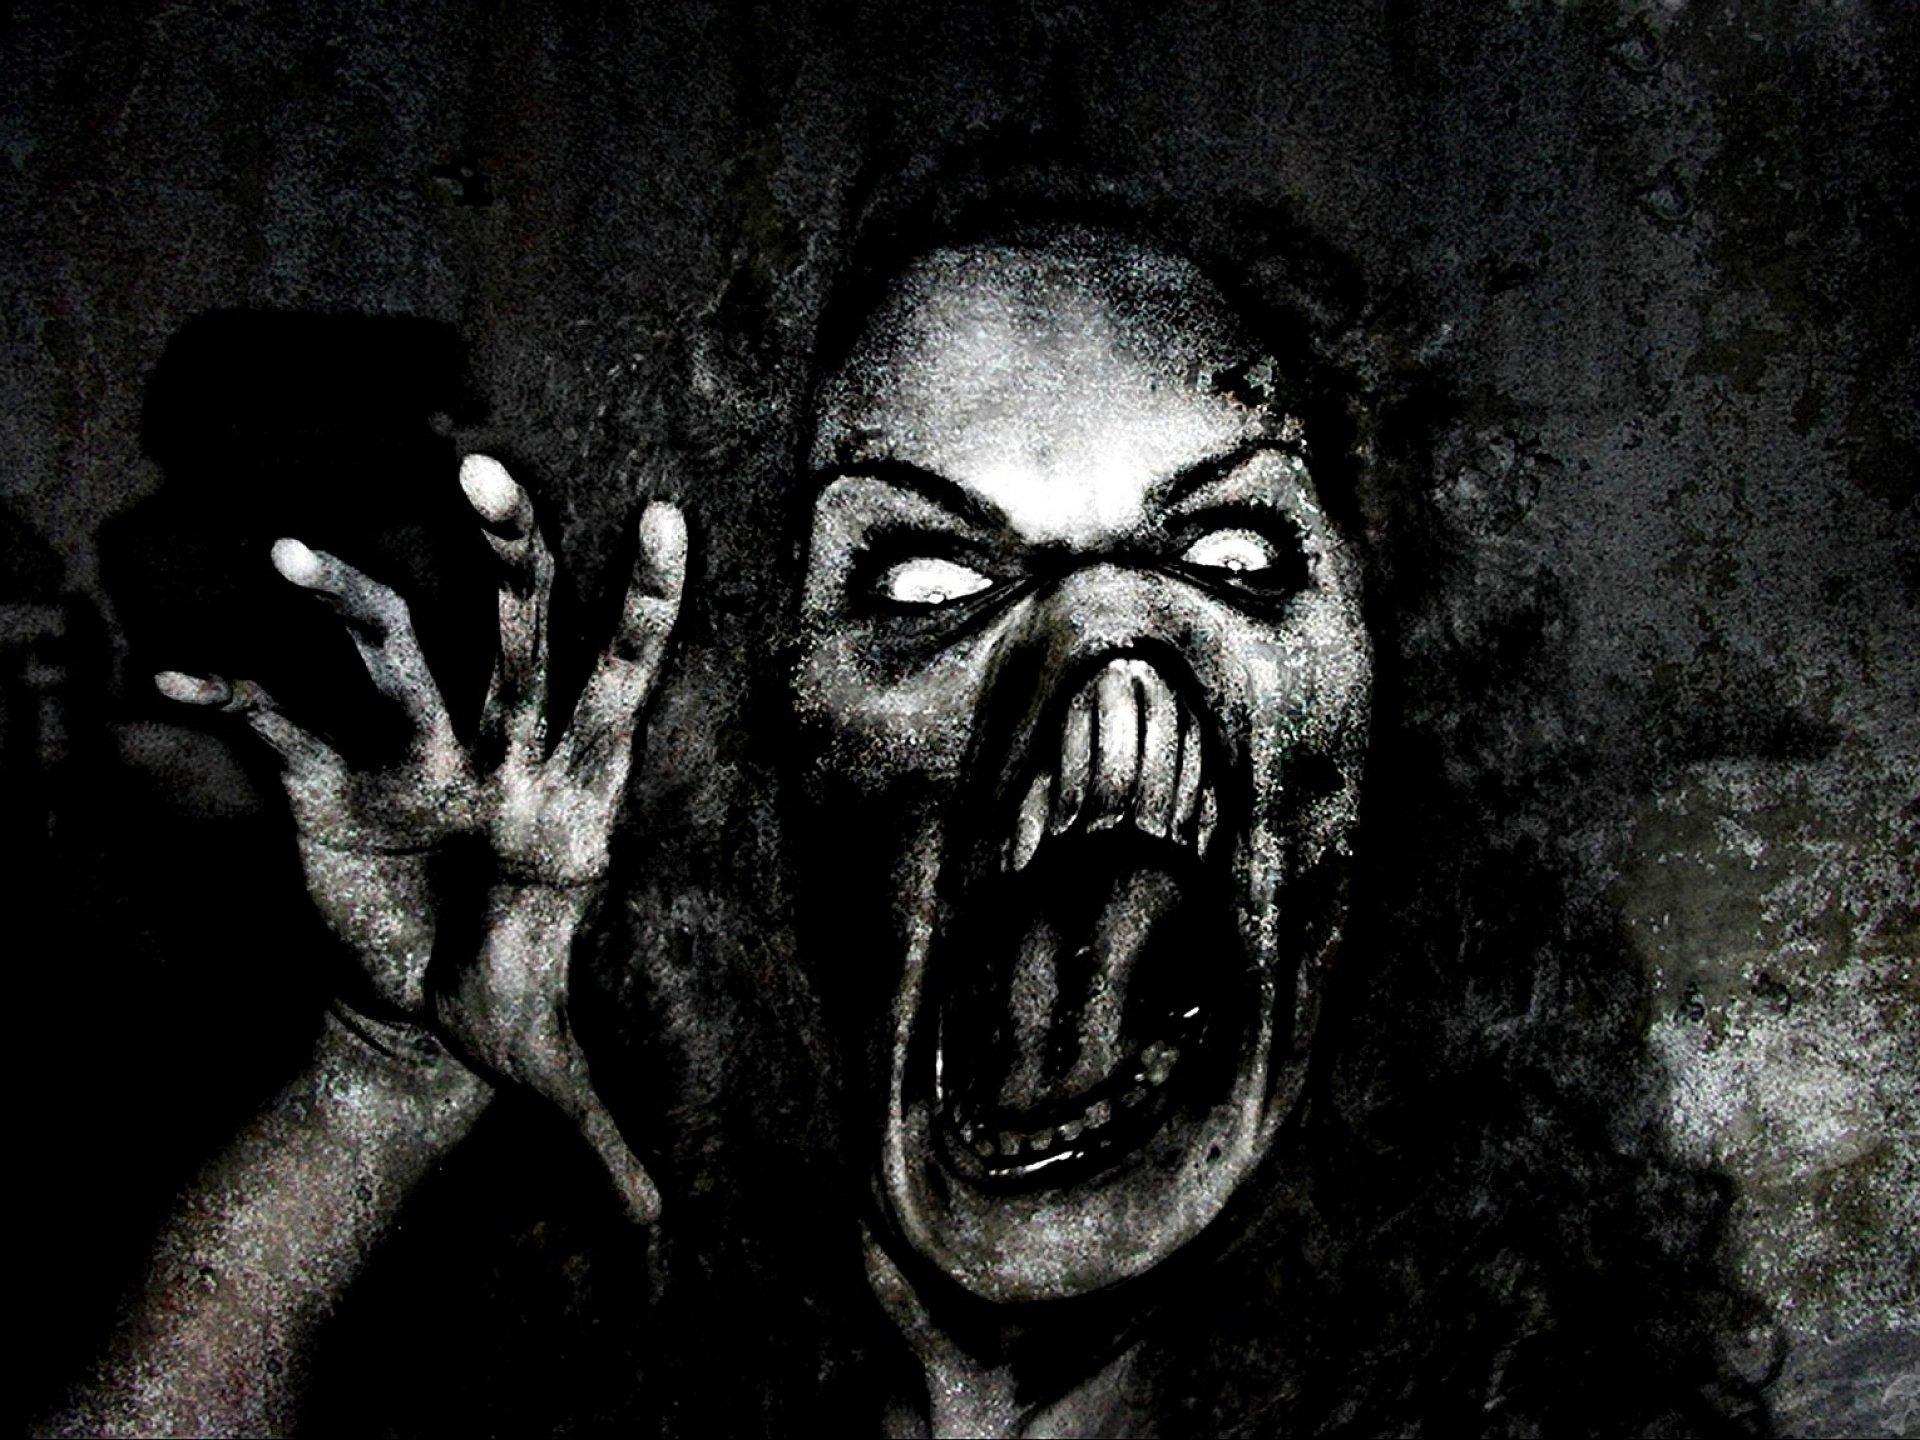 Пугающая картинка с криком